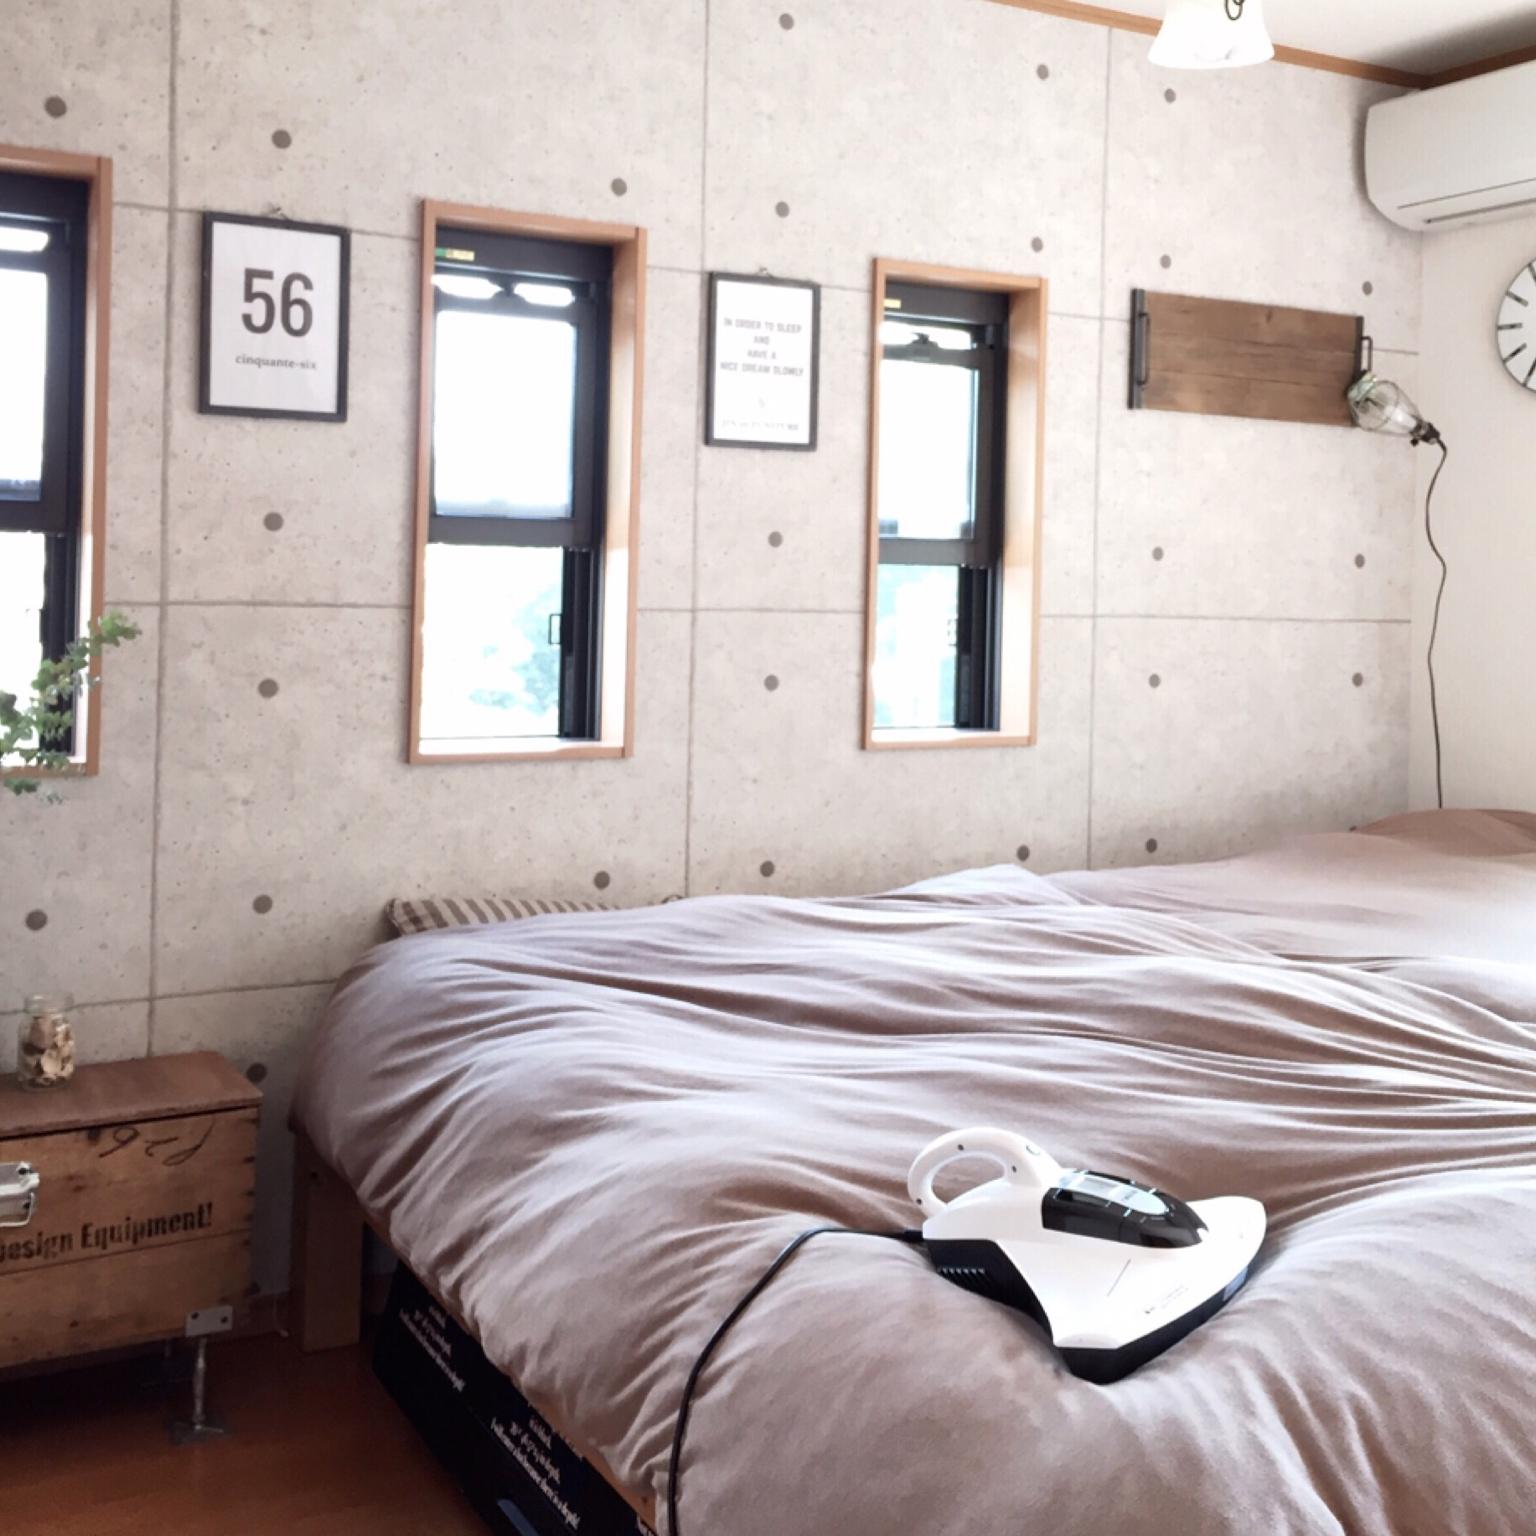 たった1分で天日干しの10倍!?快適な眠りを布団掃除機レイコップでのサムネイル画像